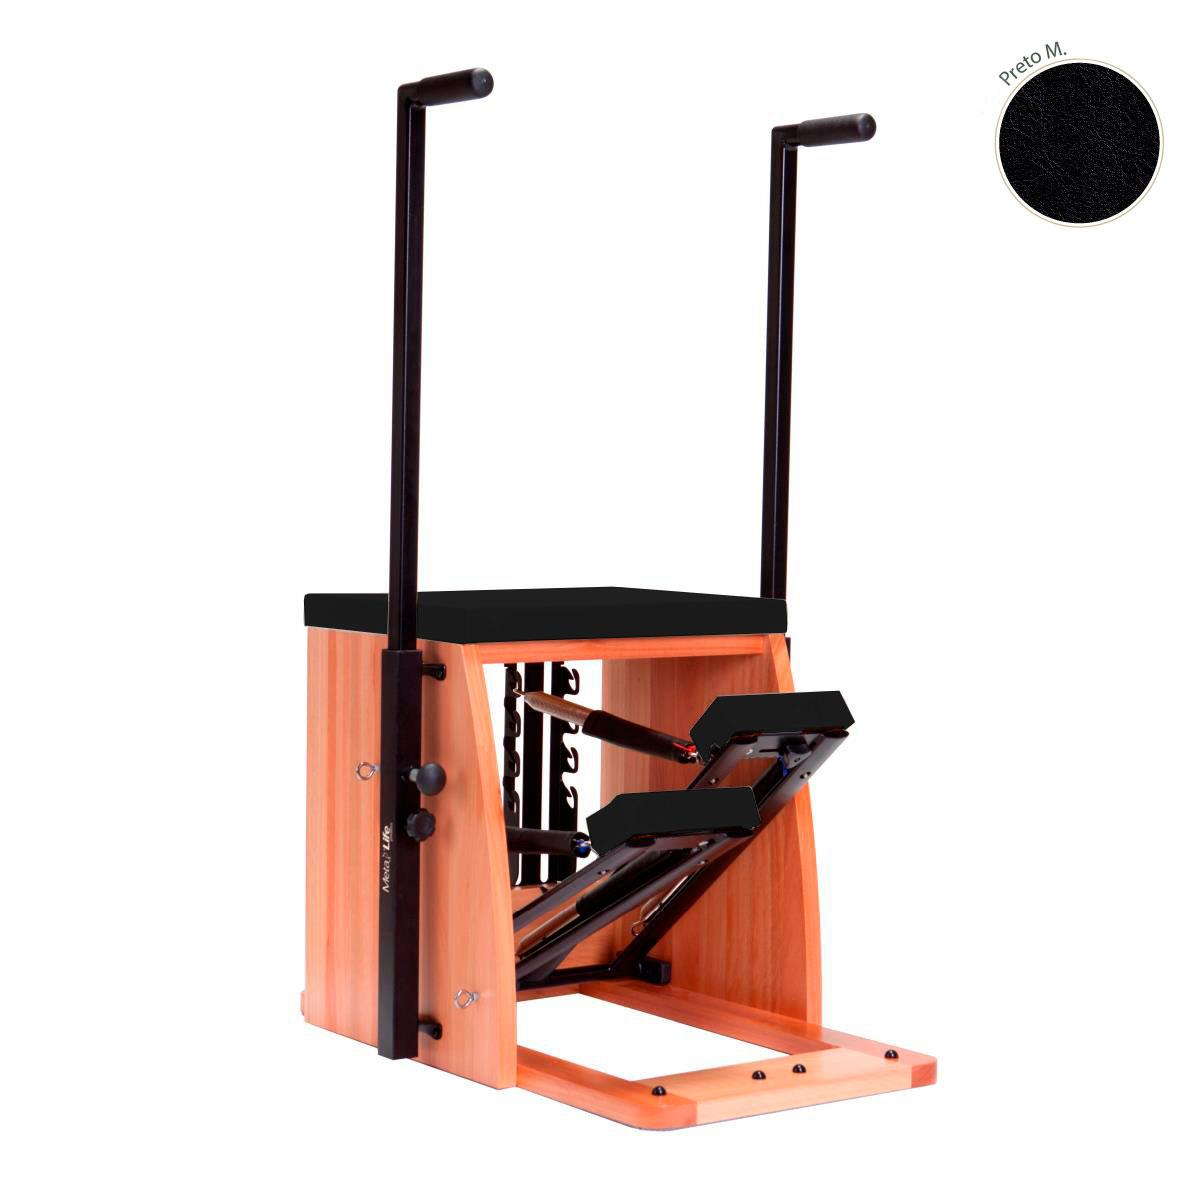 Aparelho De Pilates Step Chair Metalife - Reequilibração Muscular